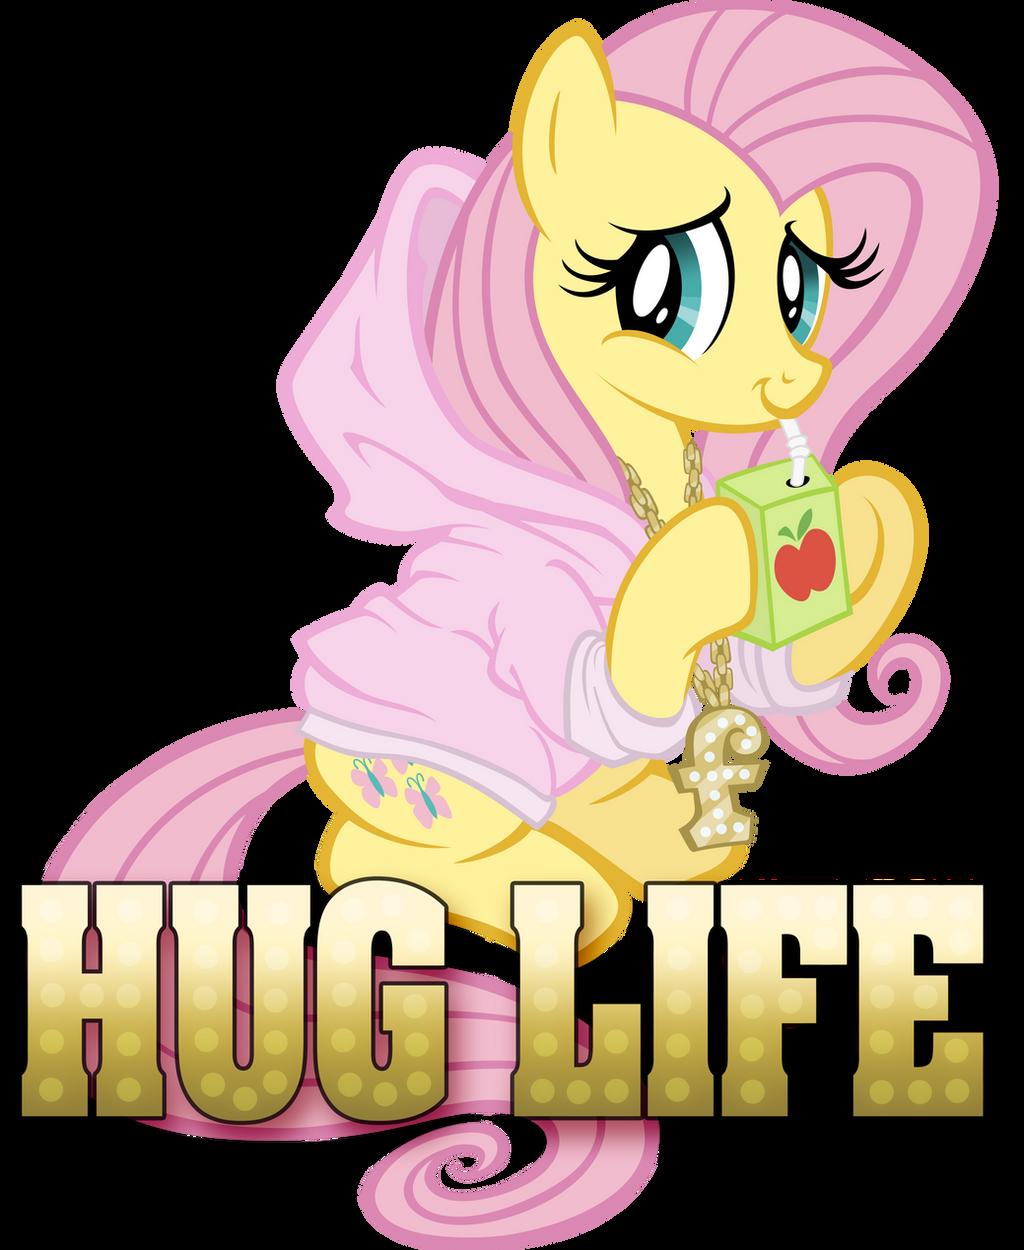 Hug Life Shirt by tygerbug